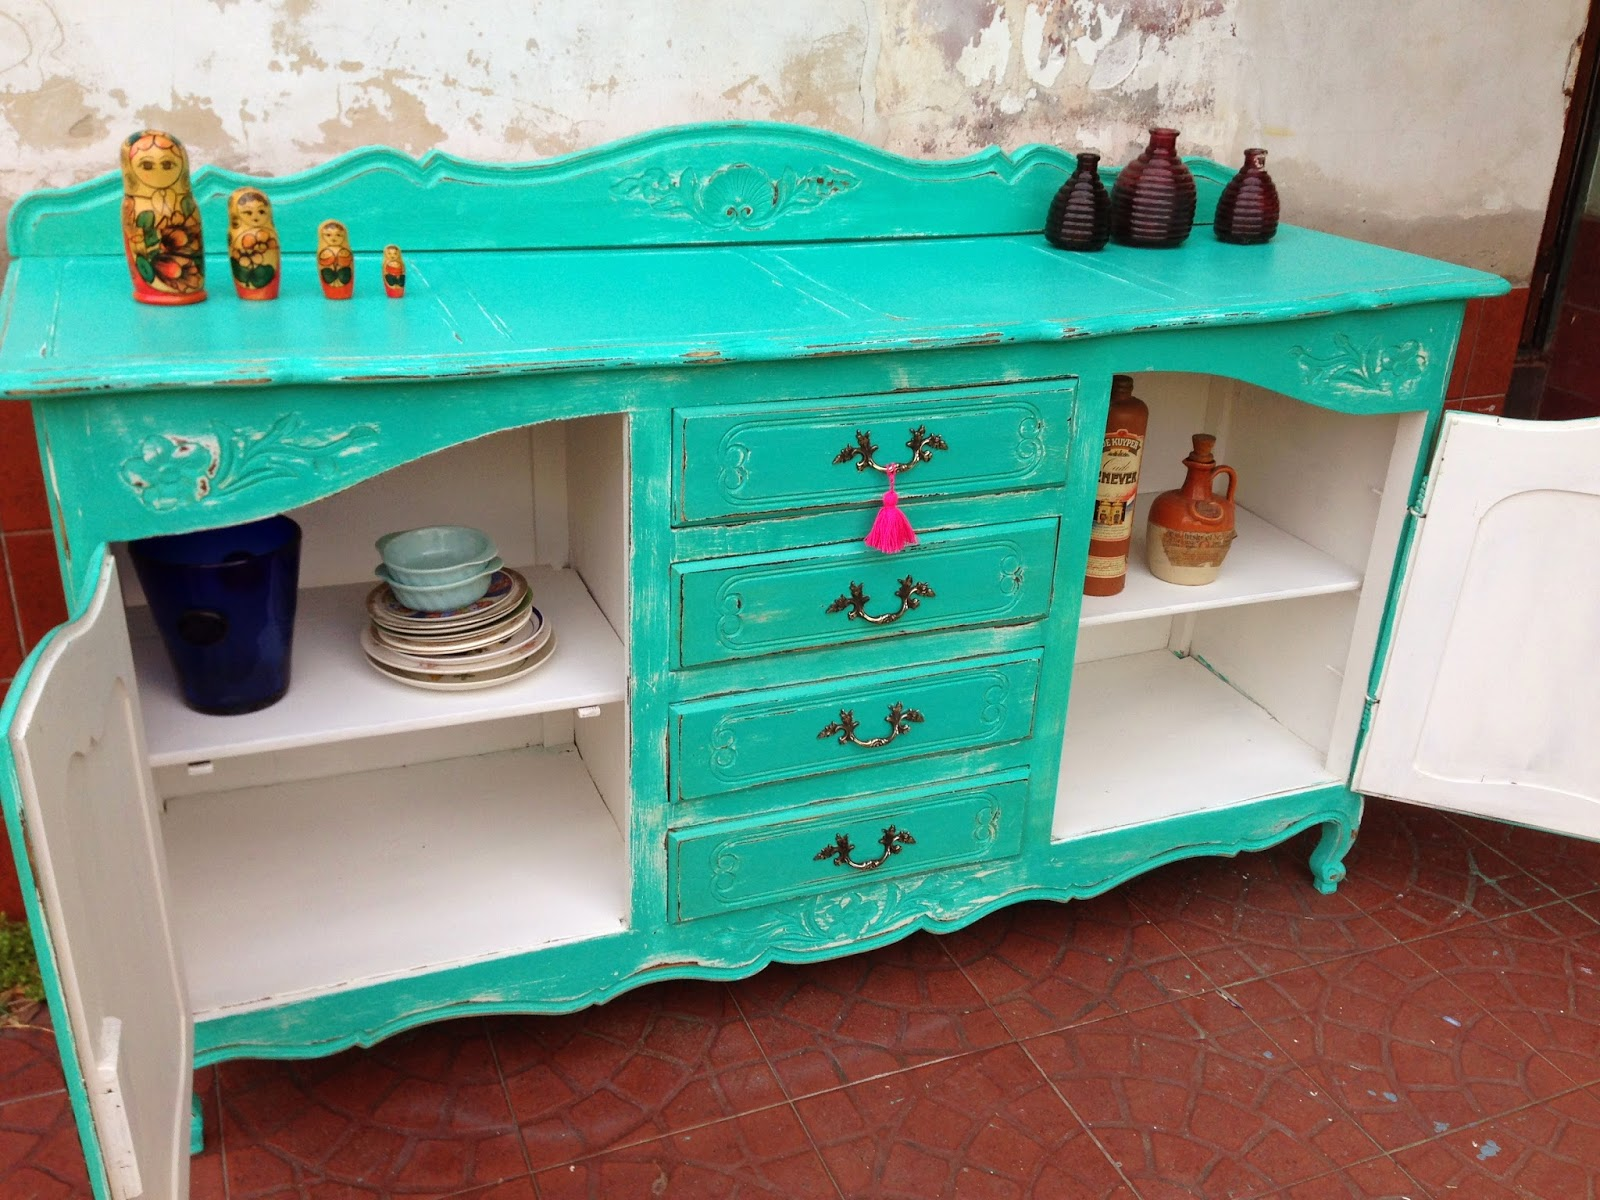 Vintouch muebles reciclados pintados a mano - Muebles decapados en blanco ...